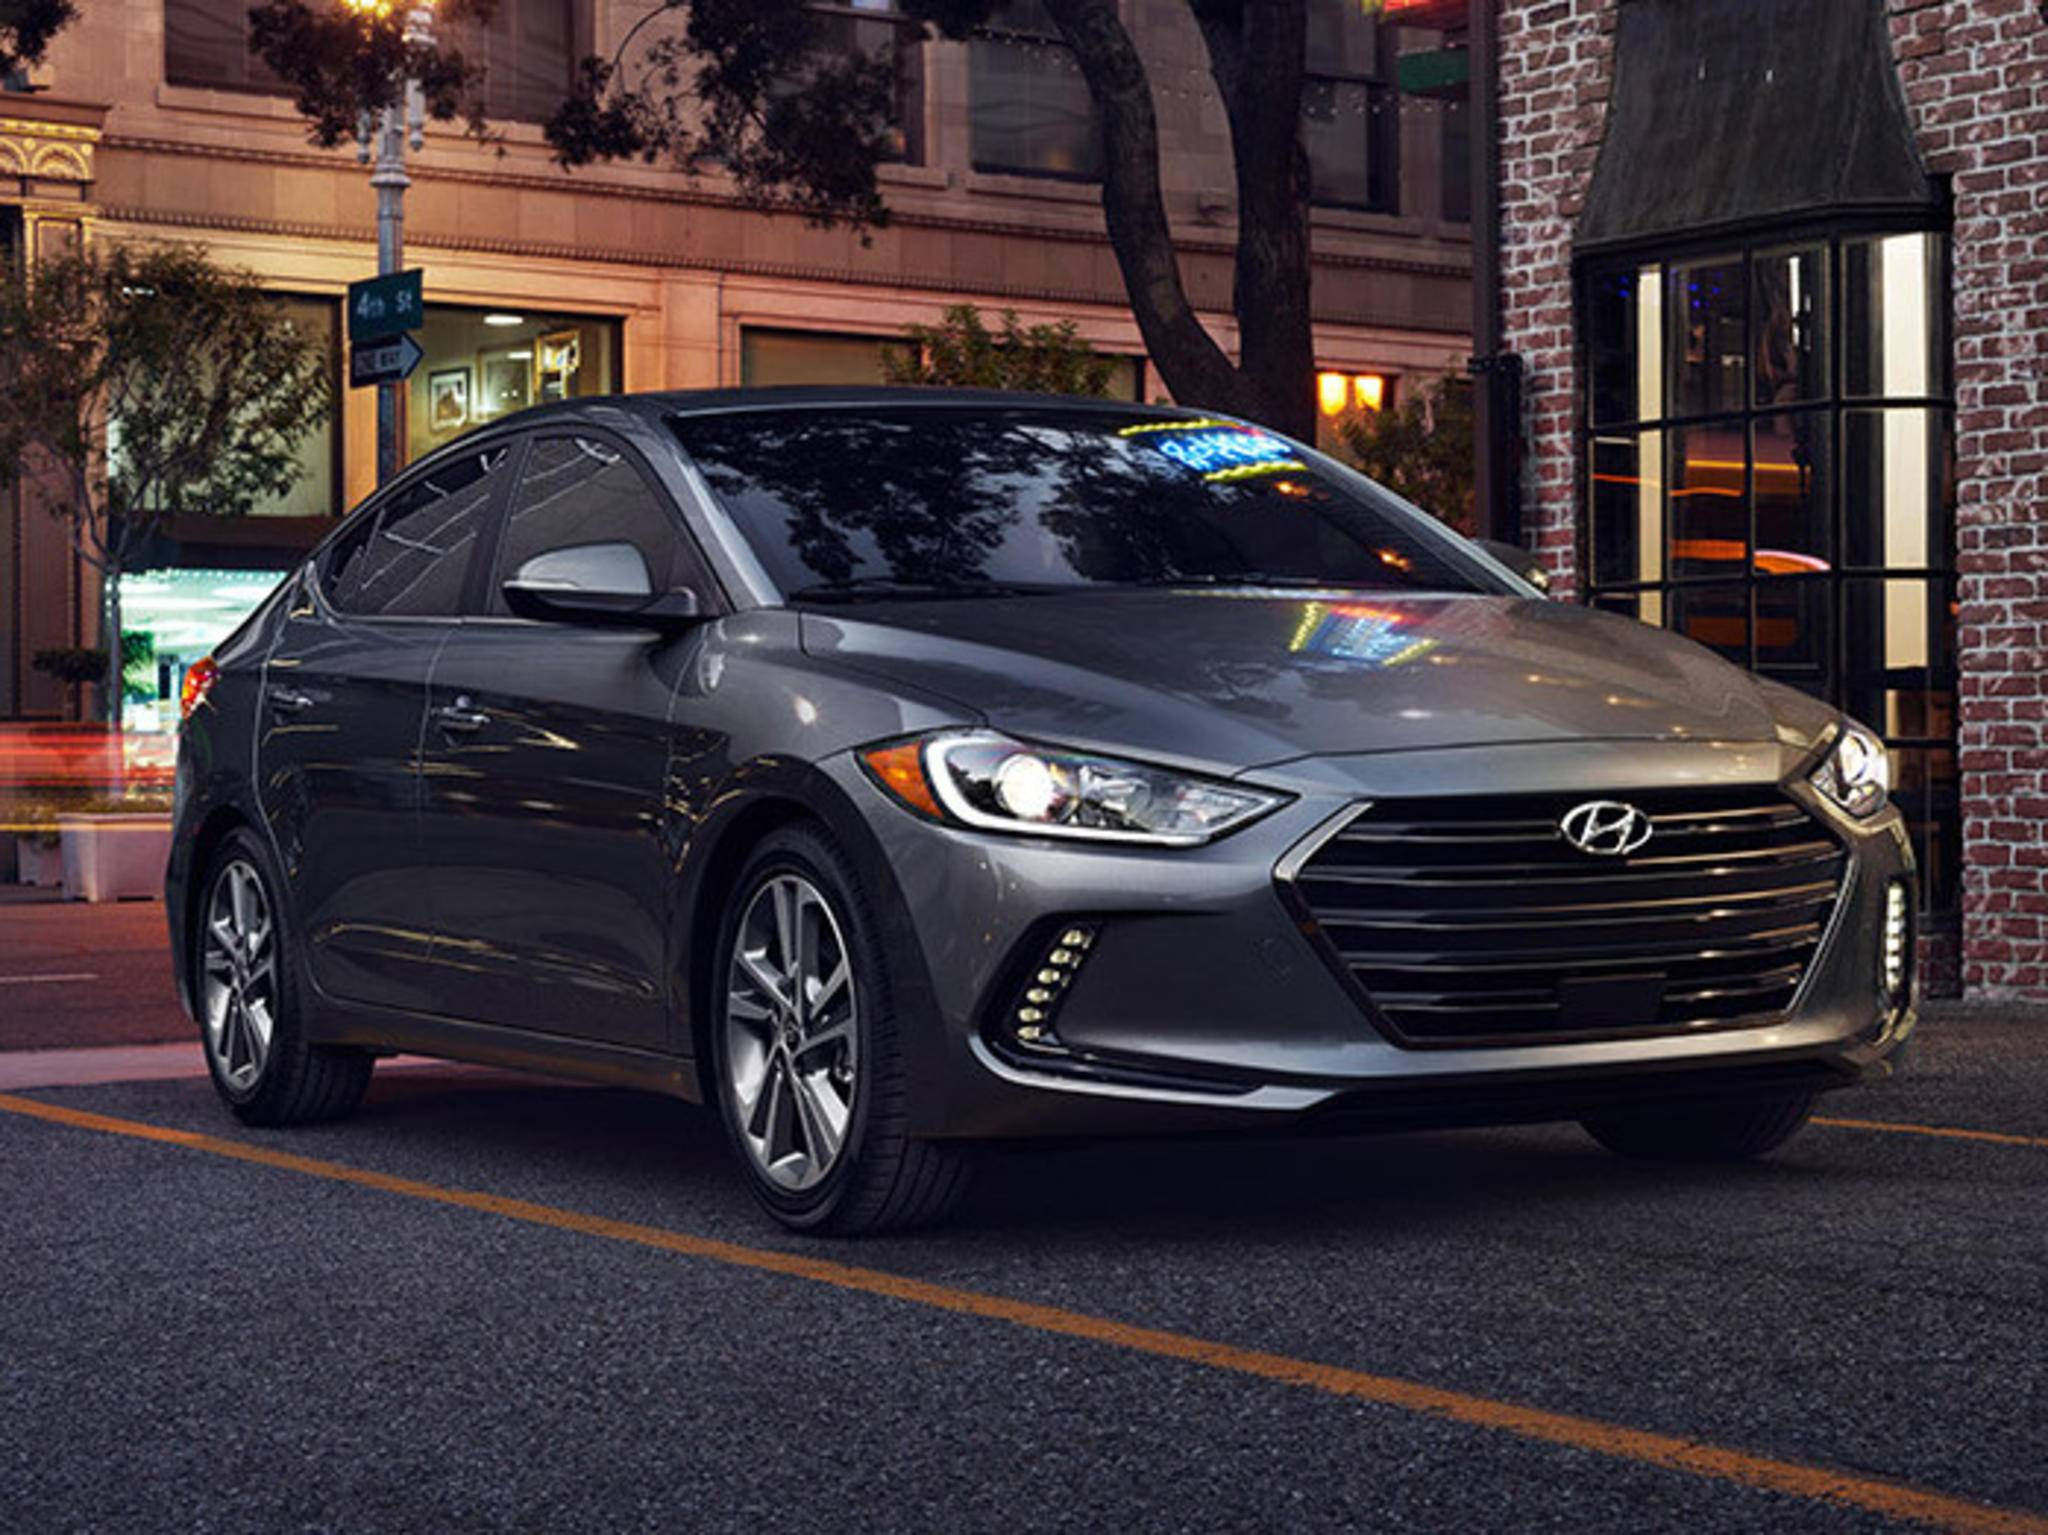 Der Hyundai Elantra ist mit Android Auto ausgestattet und ...